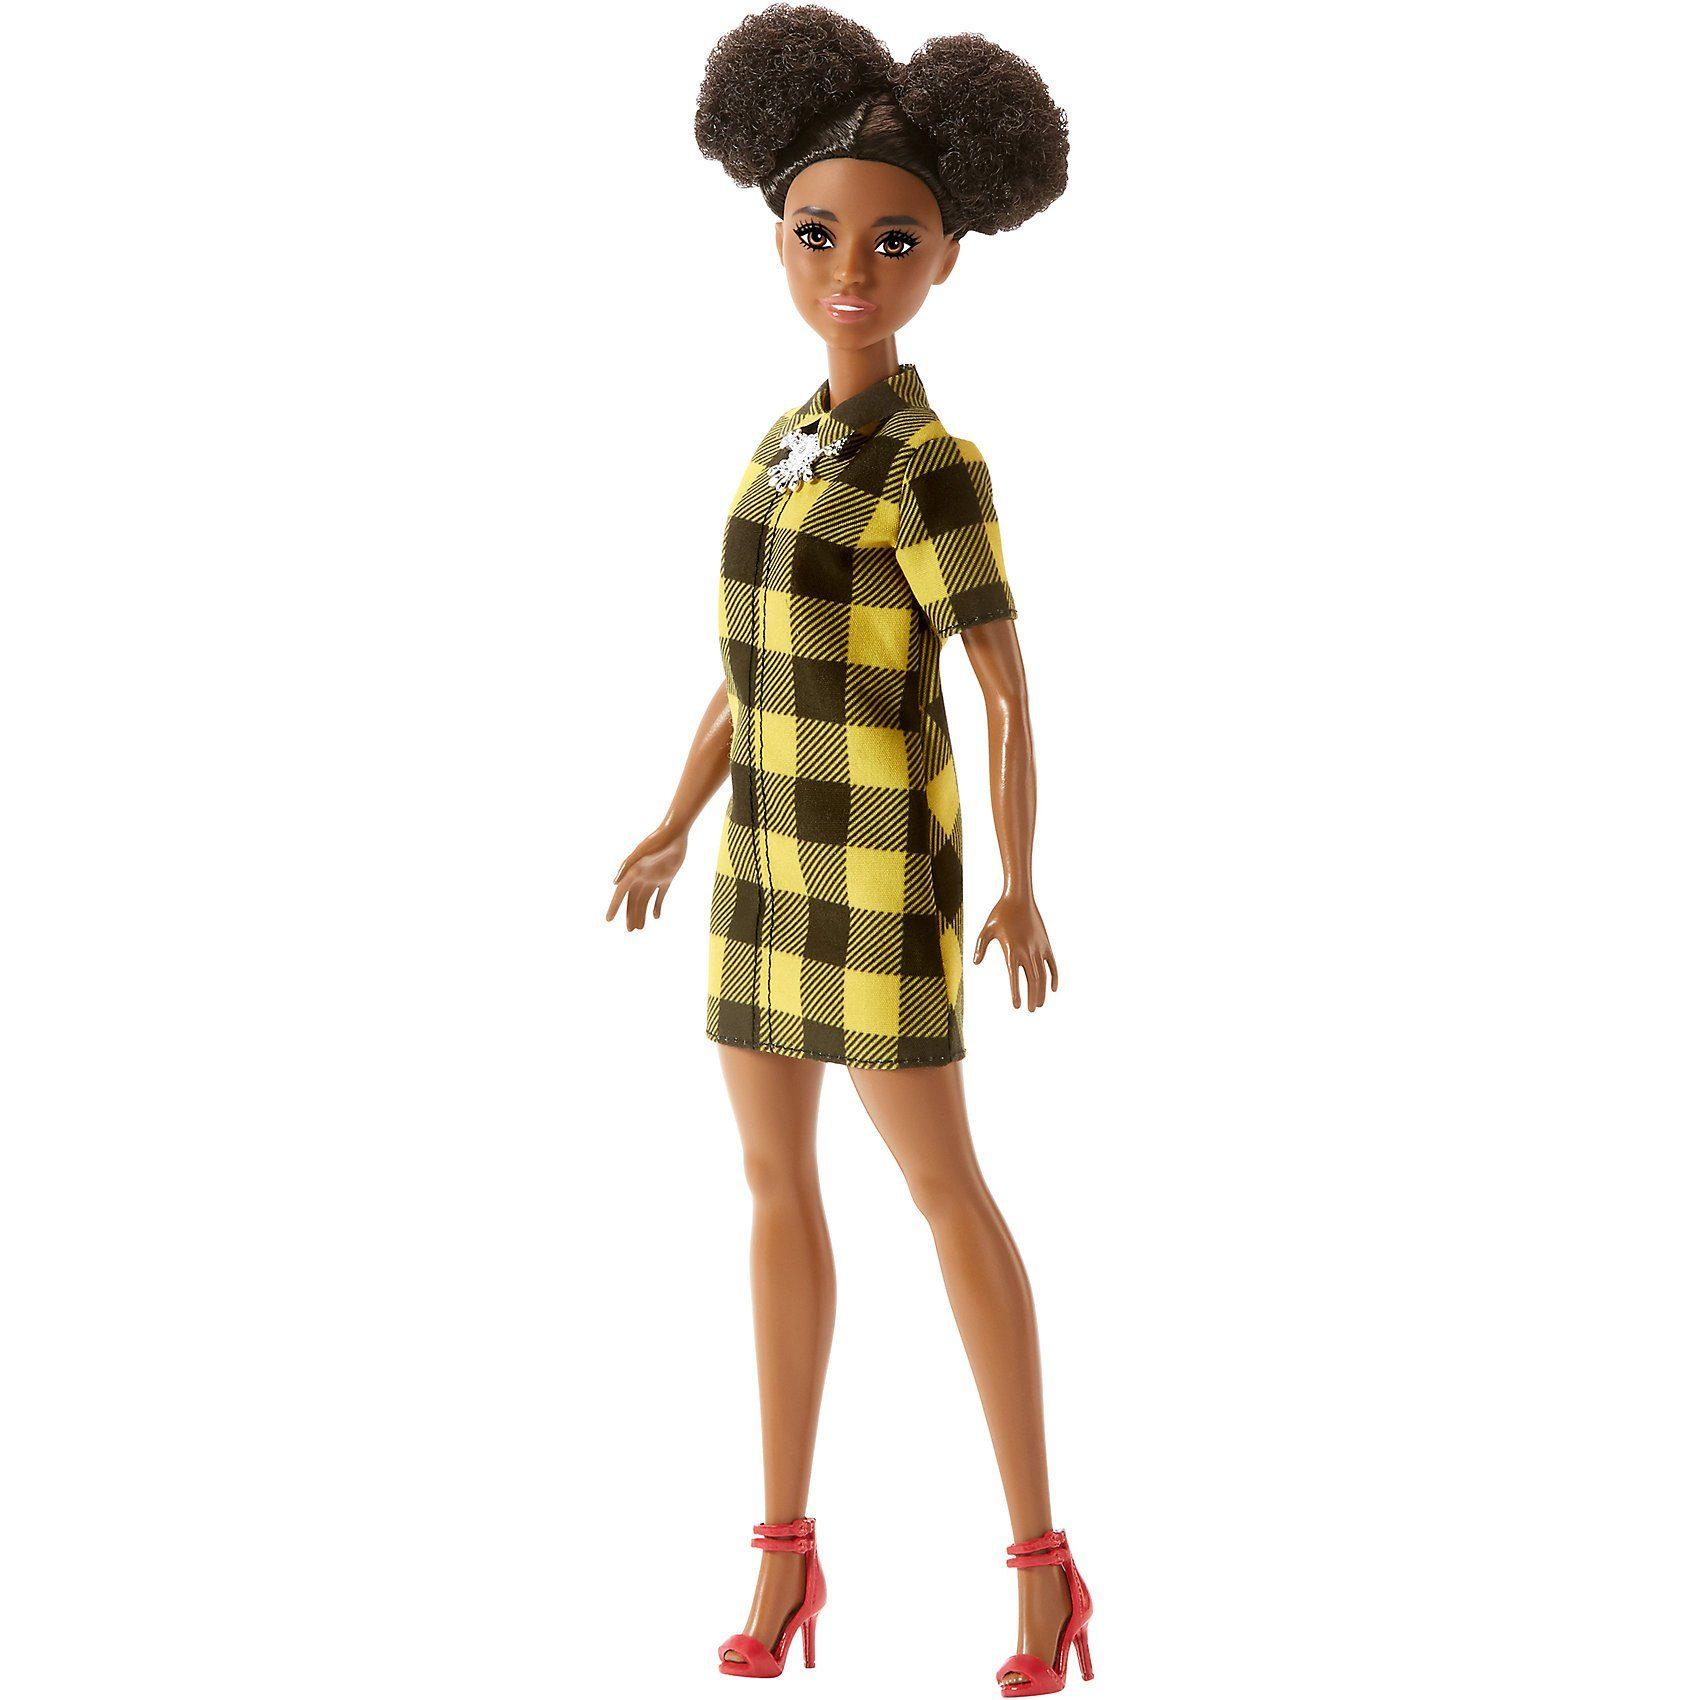 Mattel® Barbie Fashionista Puppe im gelb-schwarzen Karo Hemdkleid